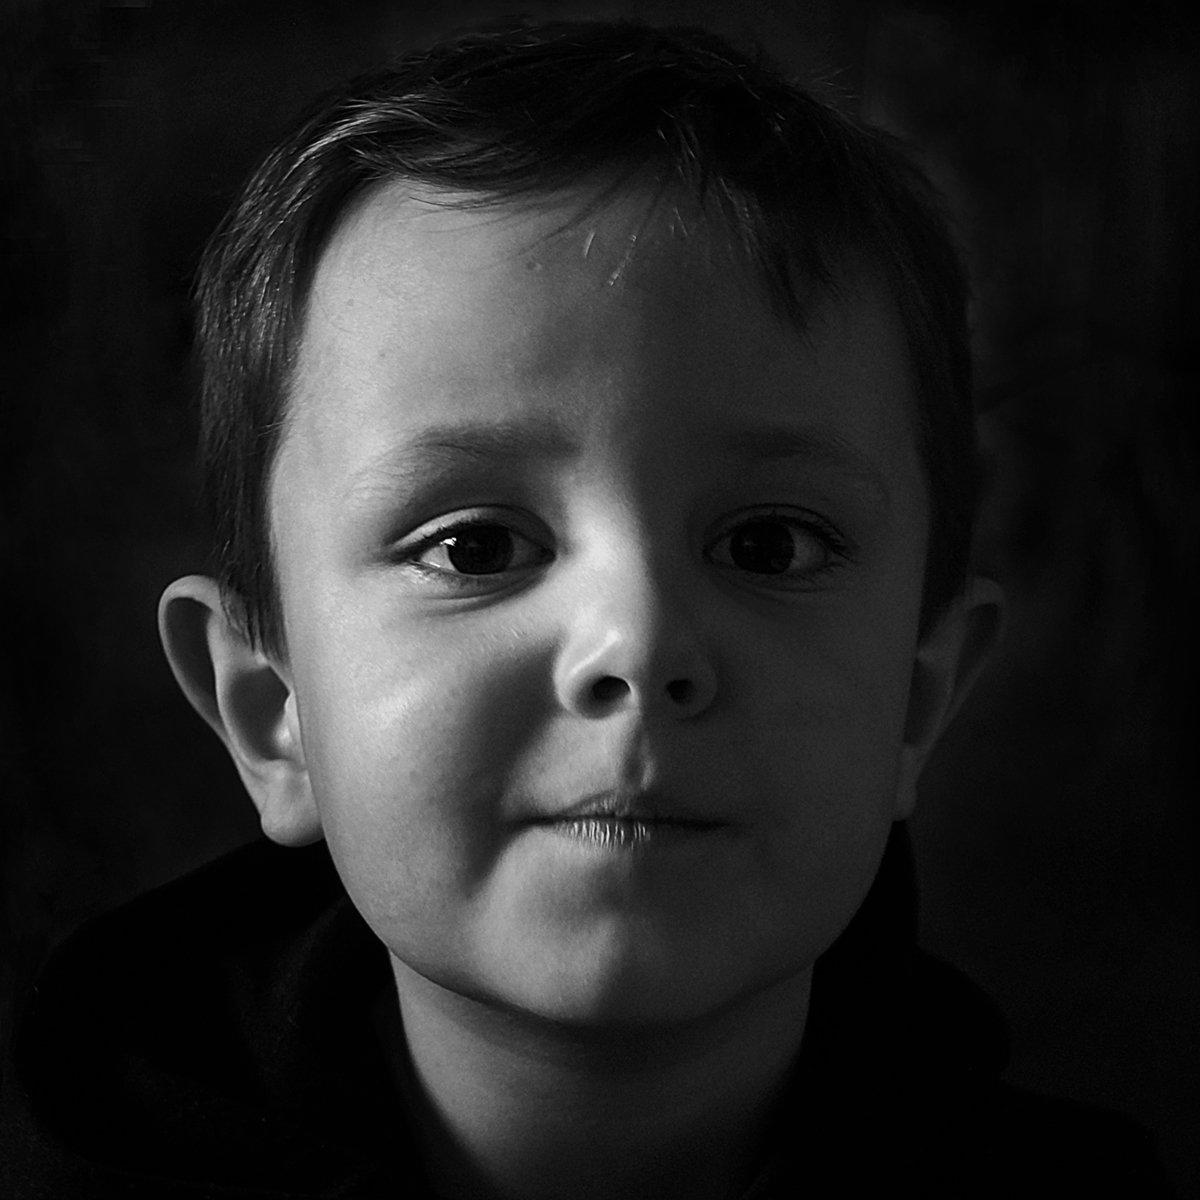 апатиты, мальчик, портрет, чб, взгляд, глаза, Николай Смоляк